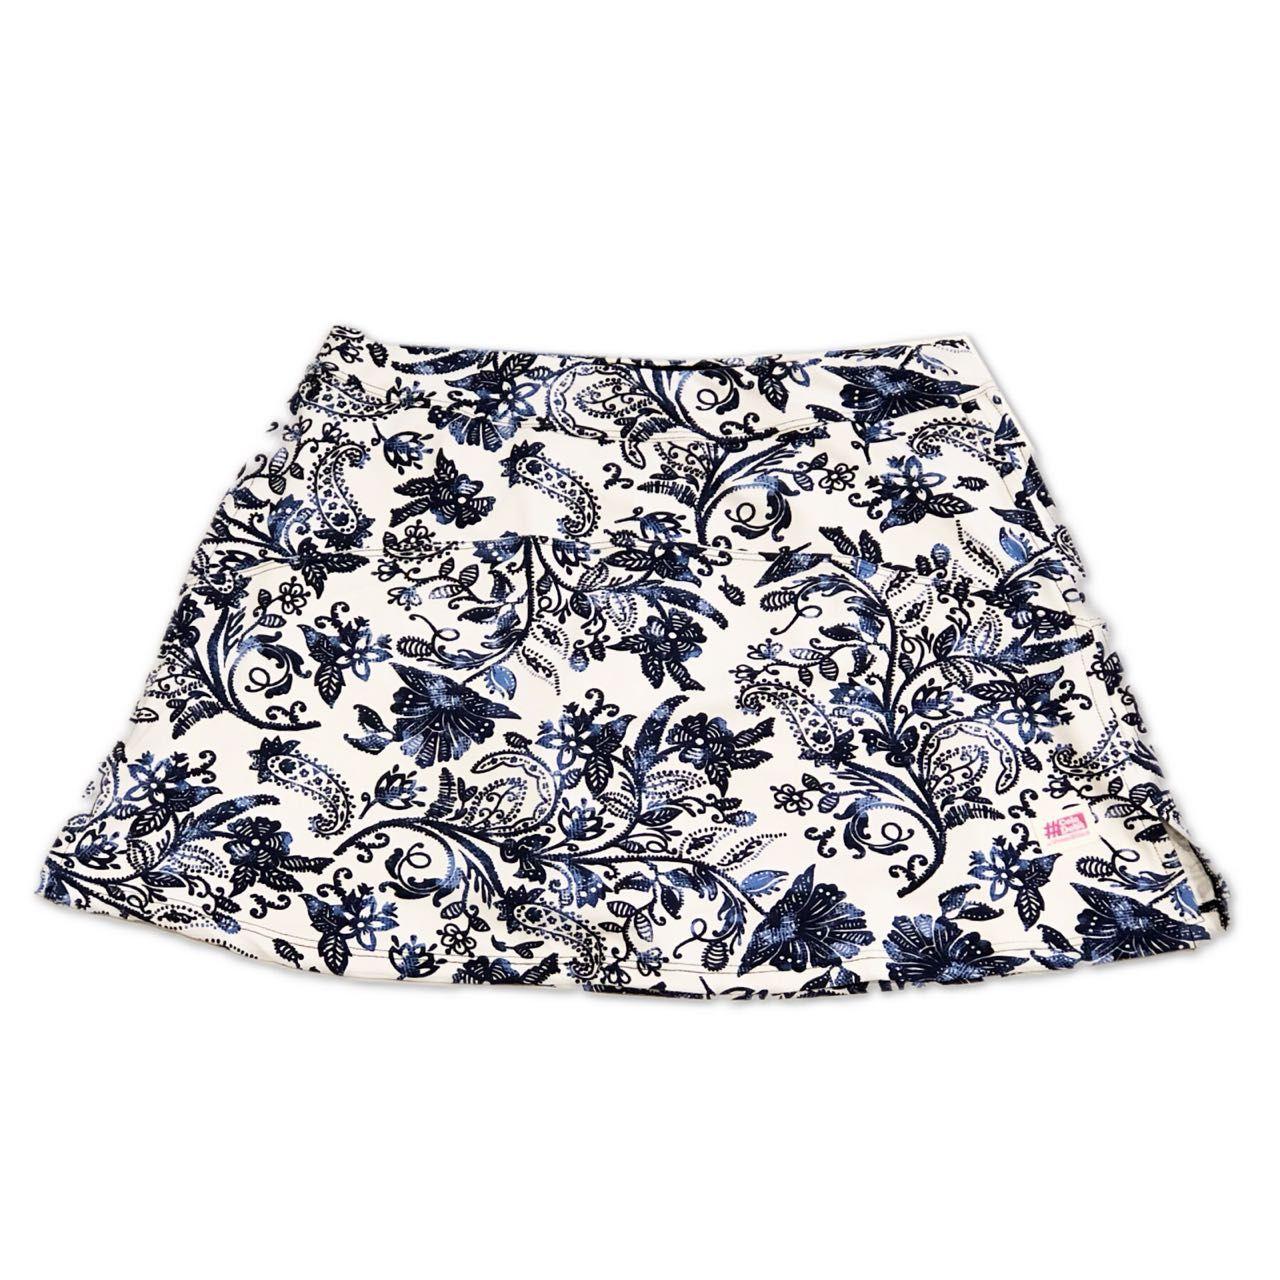 Saia fitness bolso ziper estampa floral azul e branco  (3 bolsos)